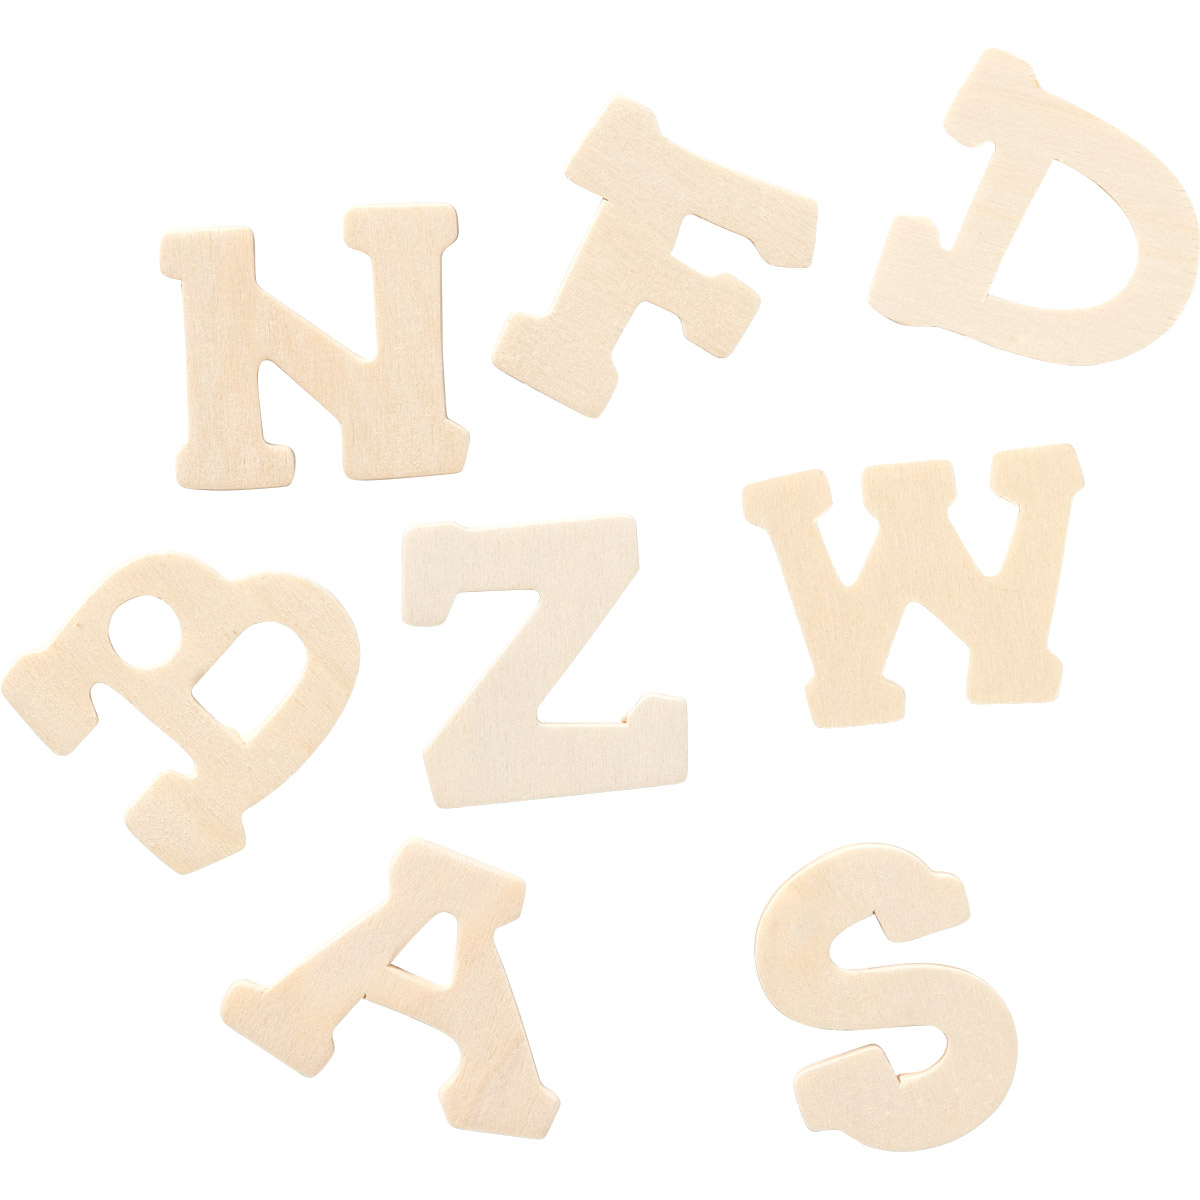 Plaid ® Painter's Palette™ Wood Letters, 1.75 inch, 36 pcs.